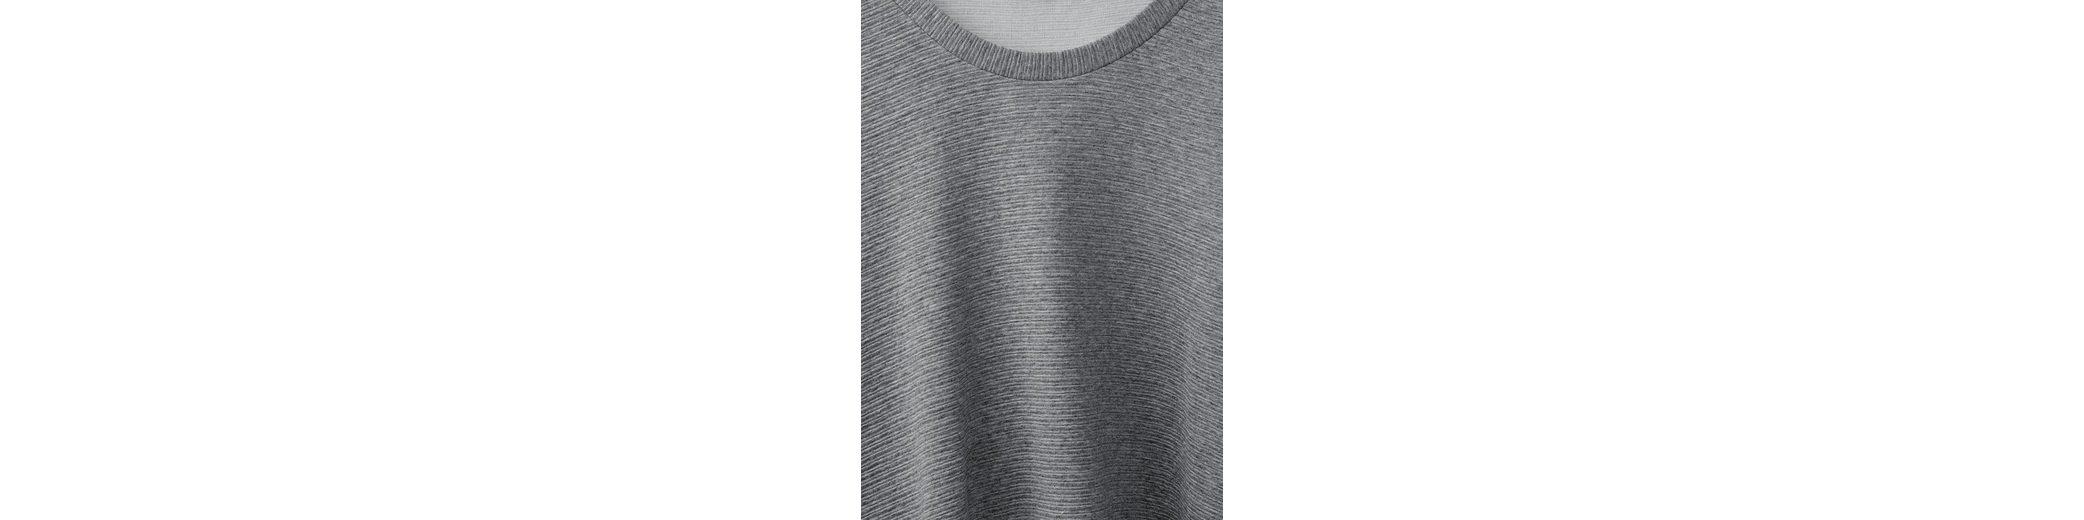 CECIL 3/4-Arm Shirt mit Raffungen Billig 2018 dZjHM71gh